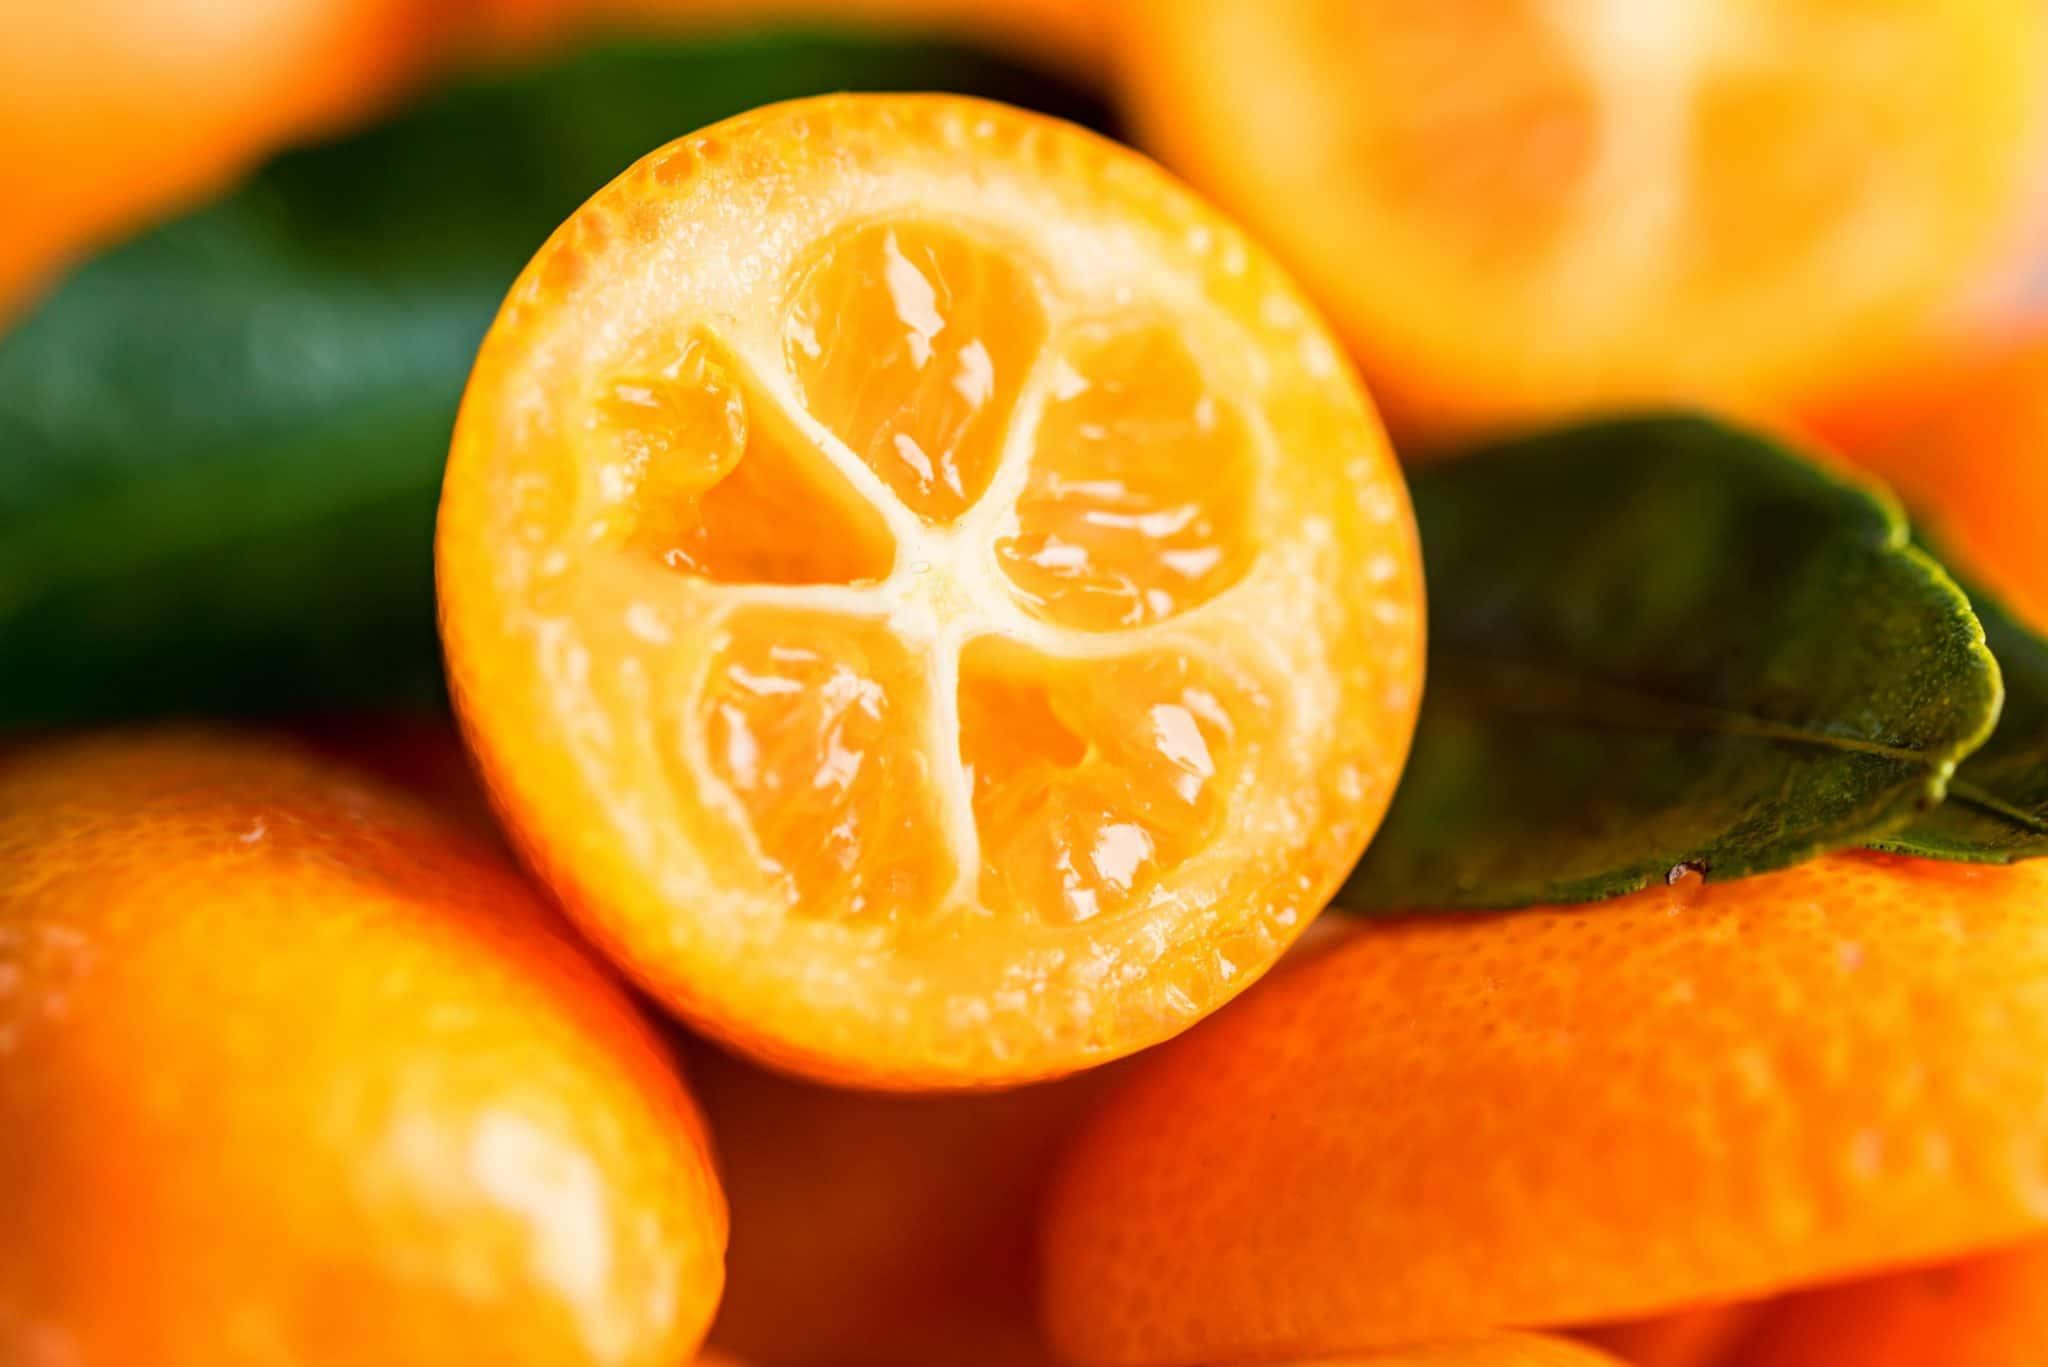 Kumquat or cumquat